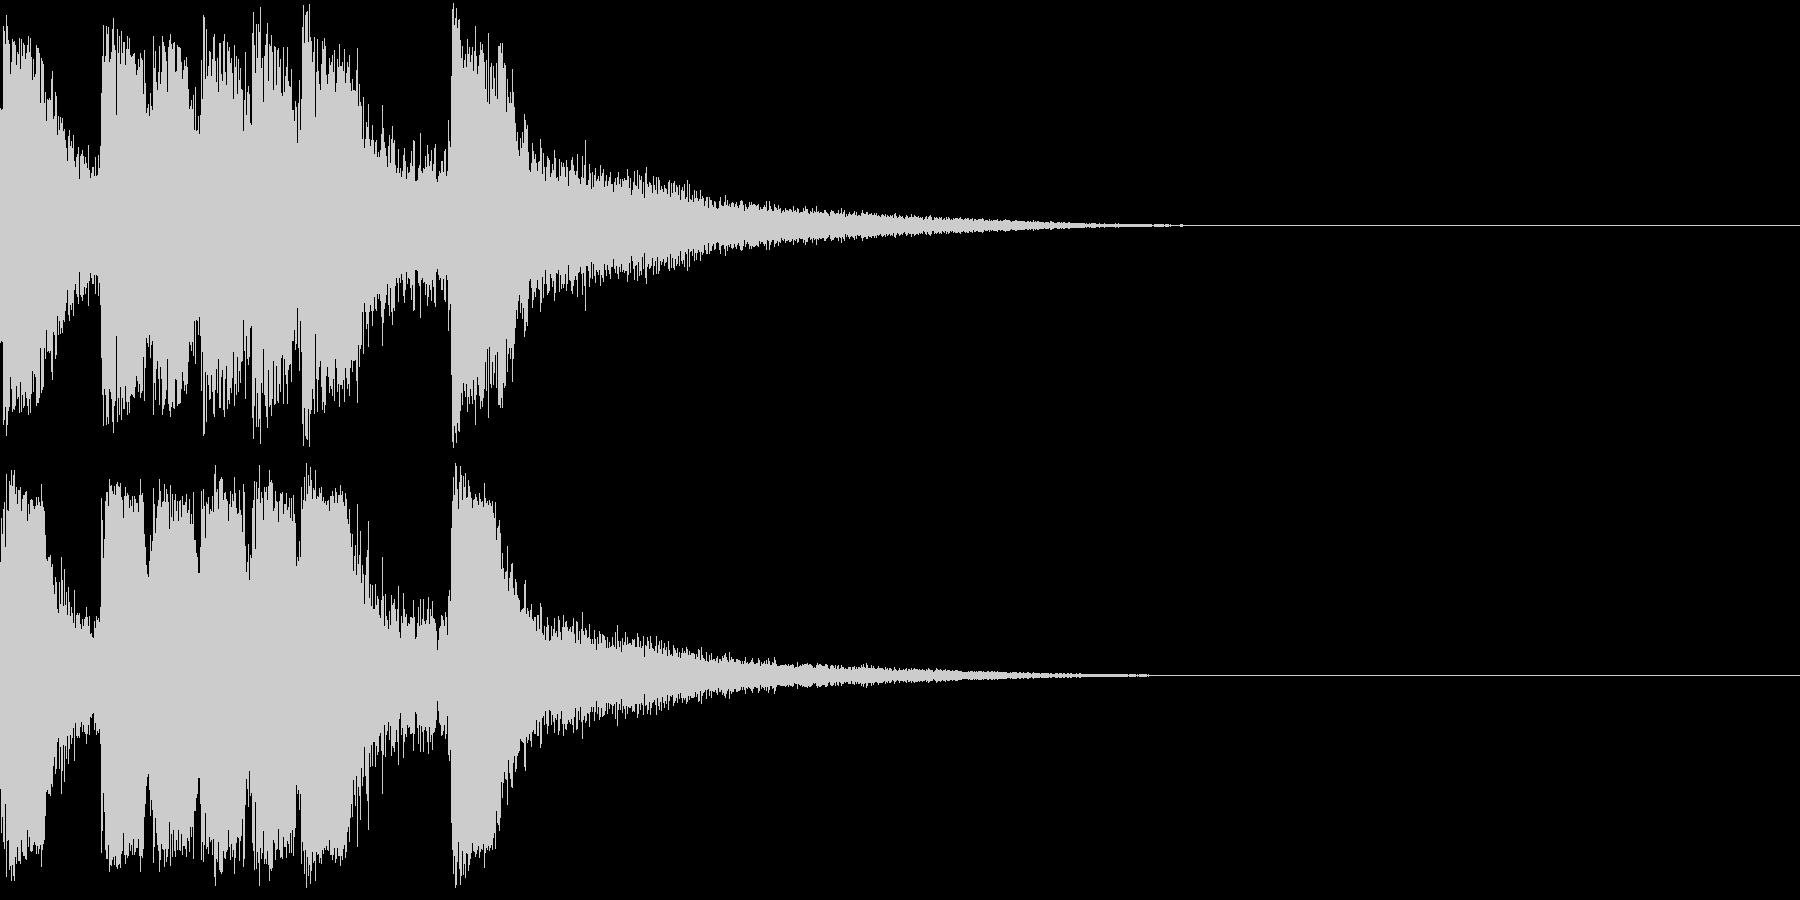 ファンファーレ 当たり 正解 合格 07の未再生の波形